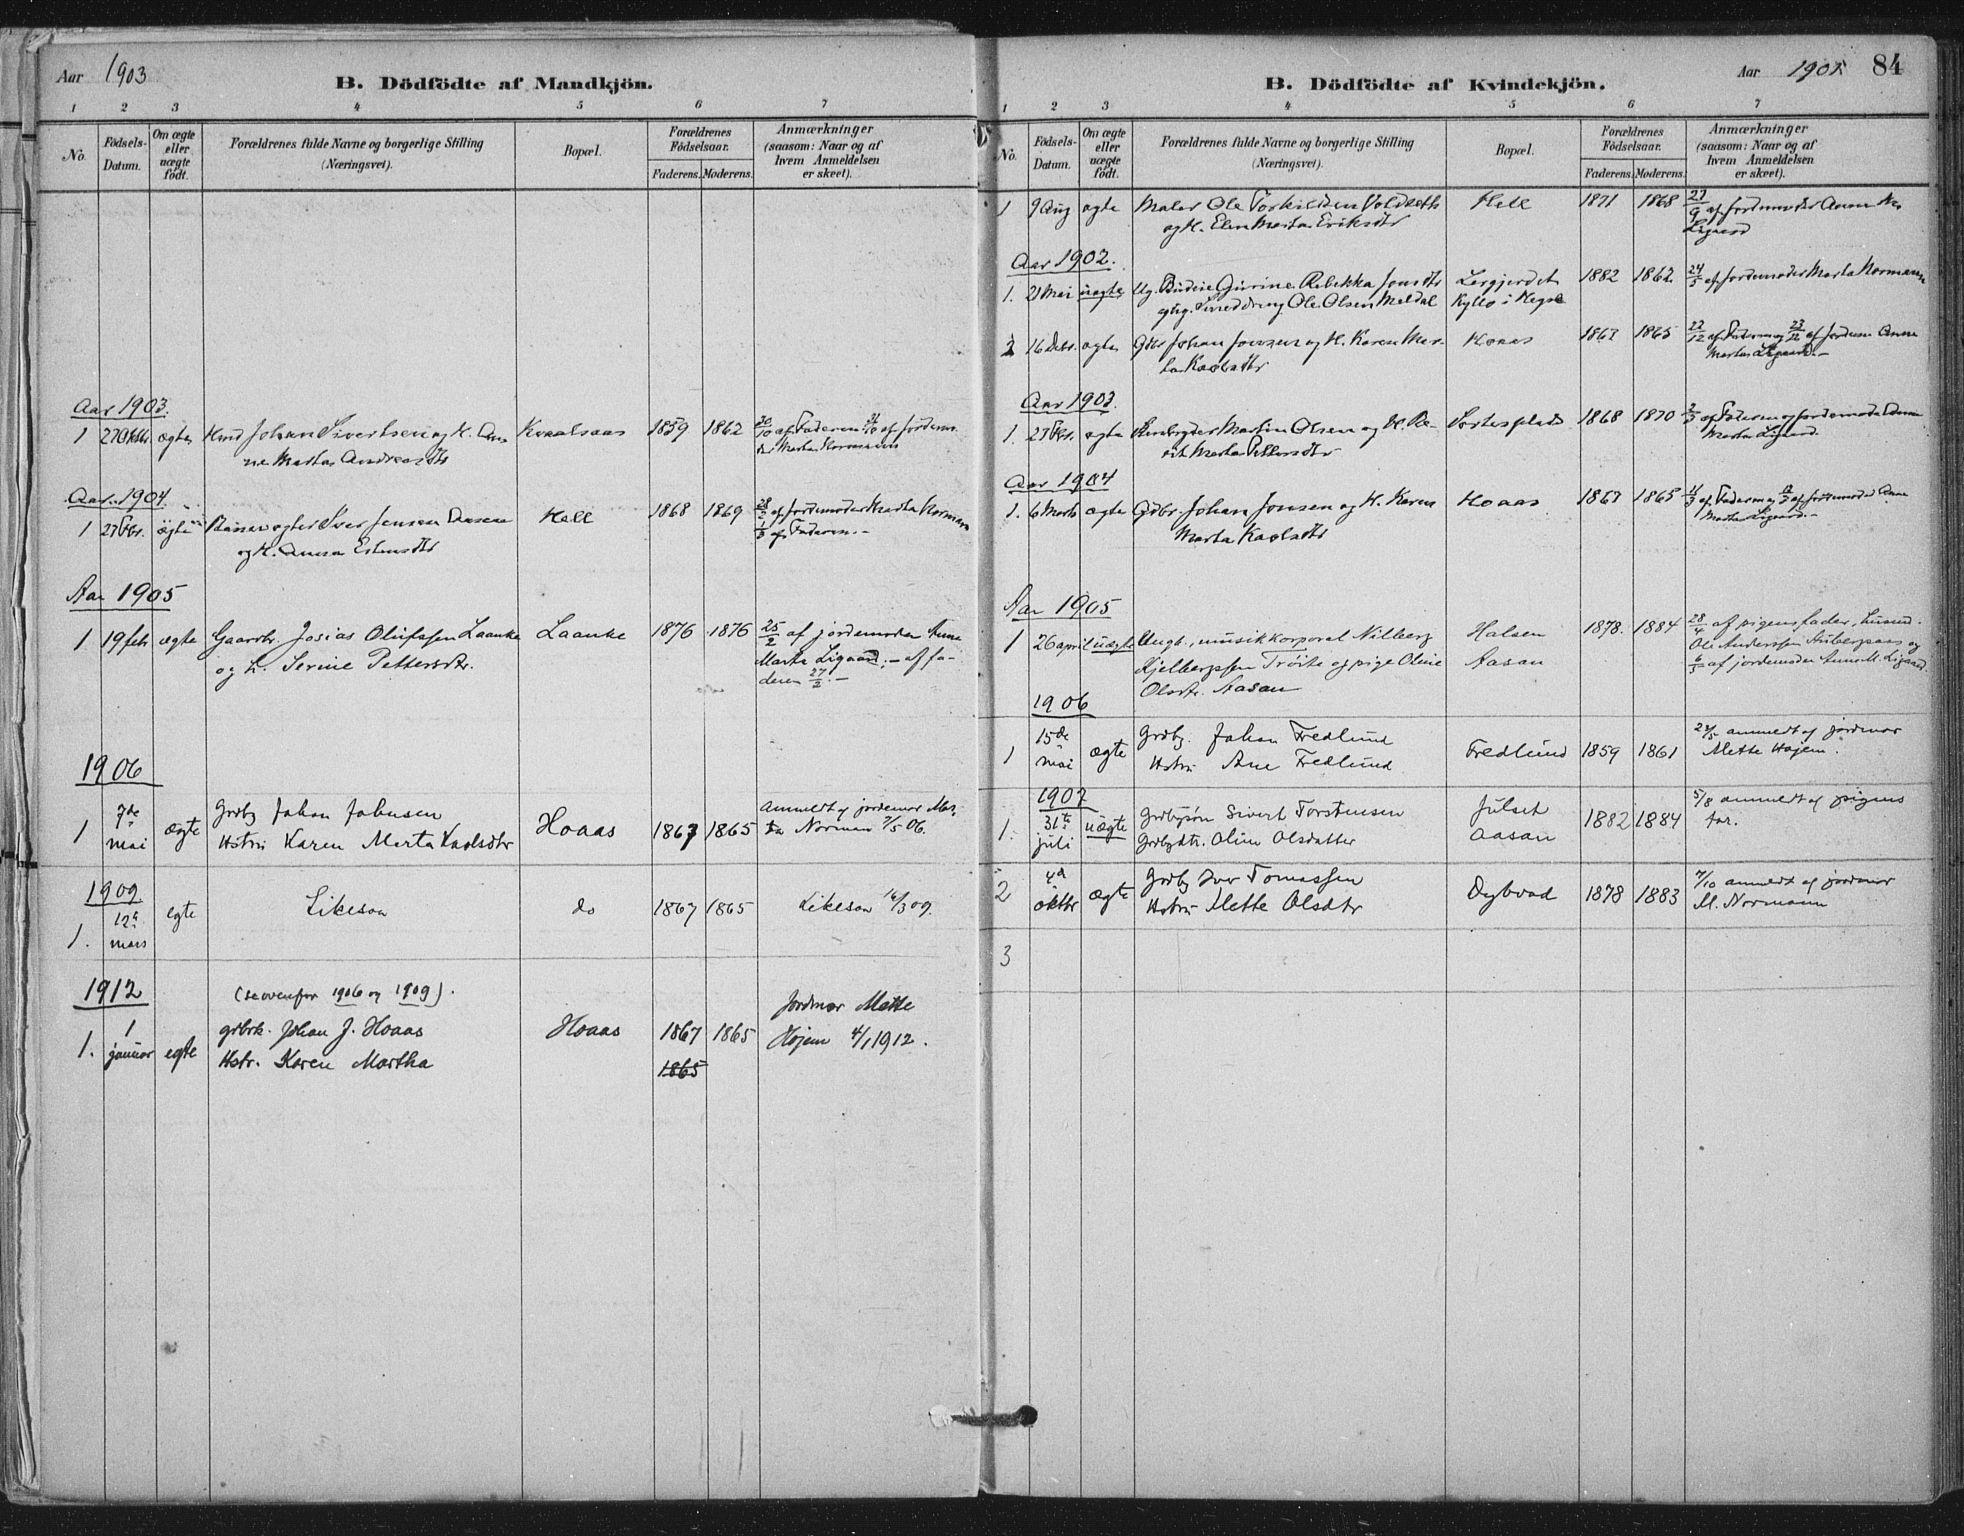 SAT, Ministerialprotokoller, klokkerbøker og fødselsregistre - Nord-Trøndelag, 710/L0095: Ministerialbok nr. 710A01, 1880-1914, s. 84